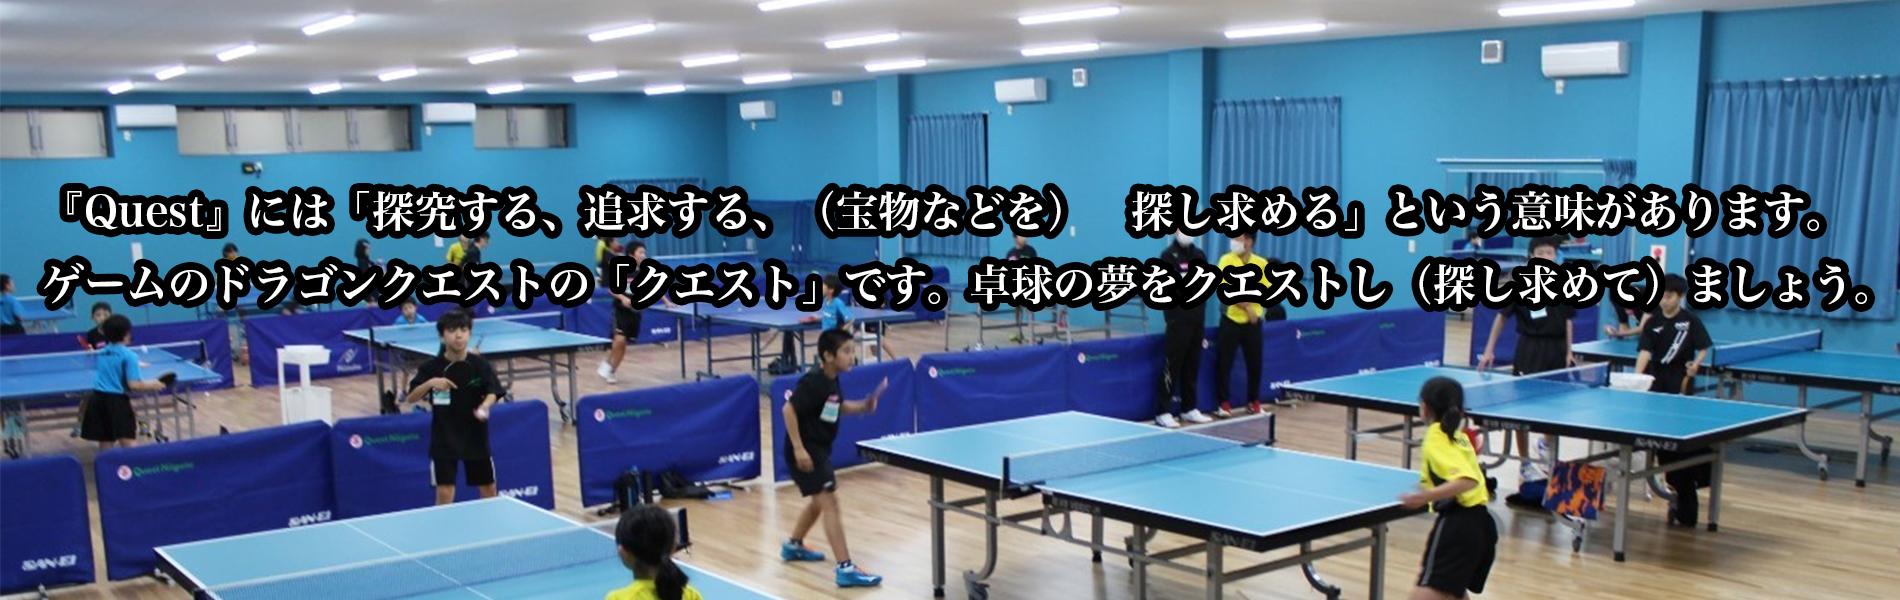 Quest(クエスト)新潟クラブ